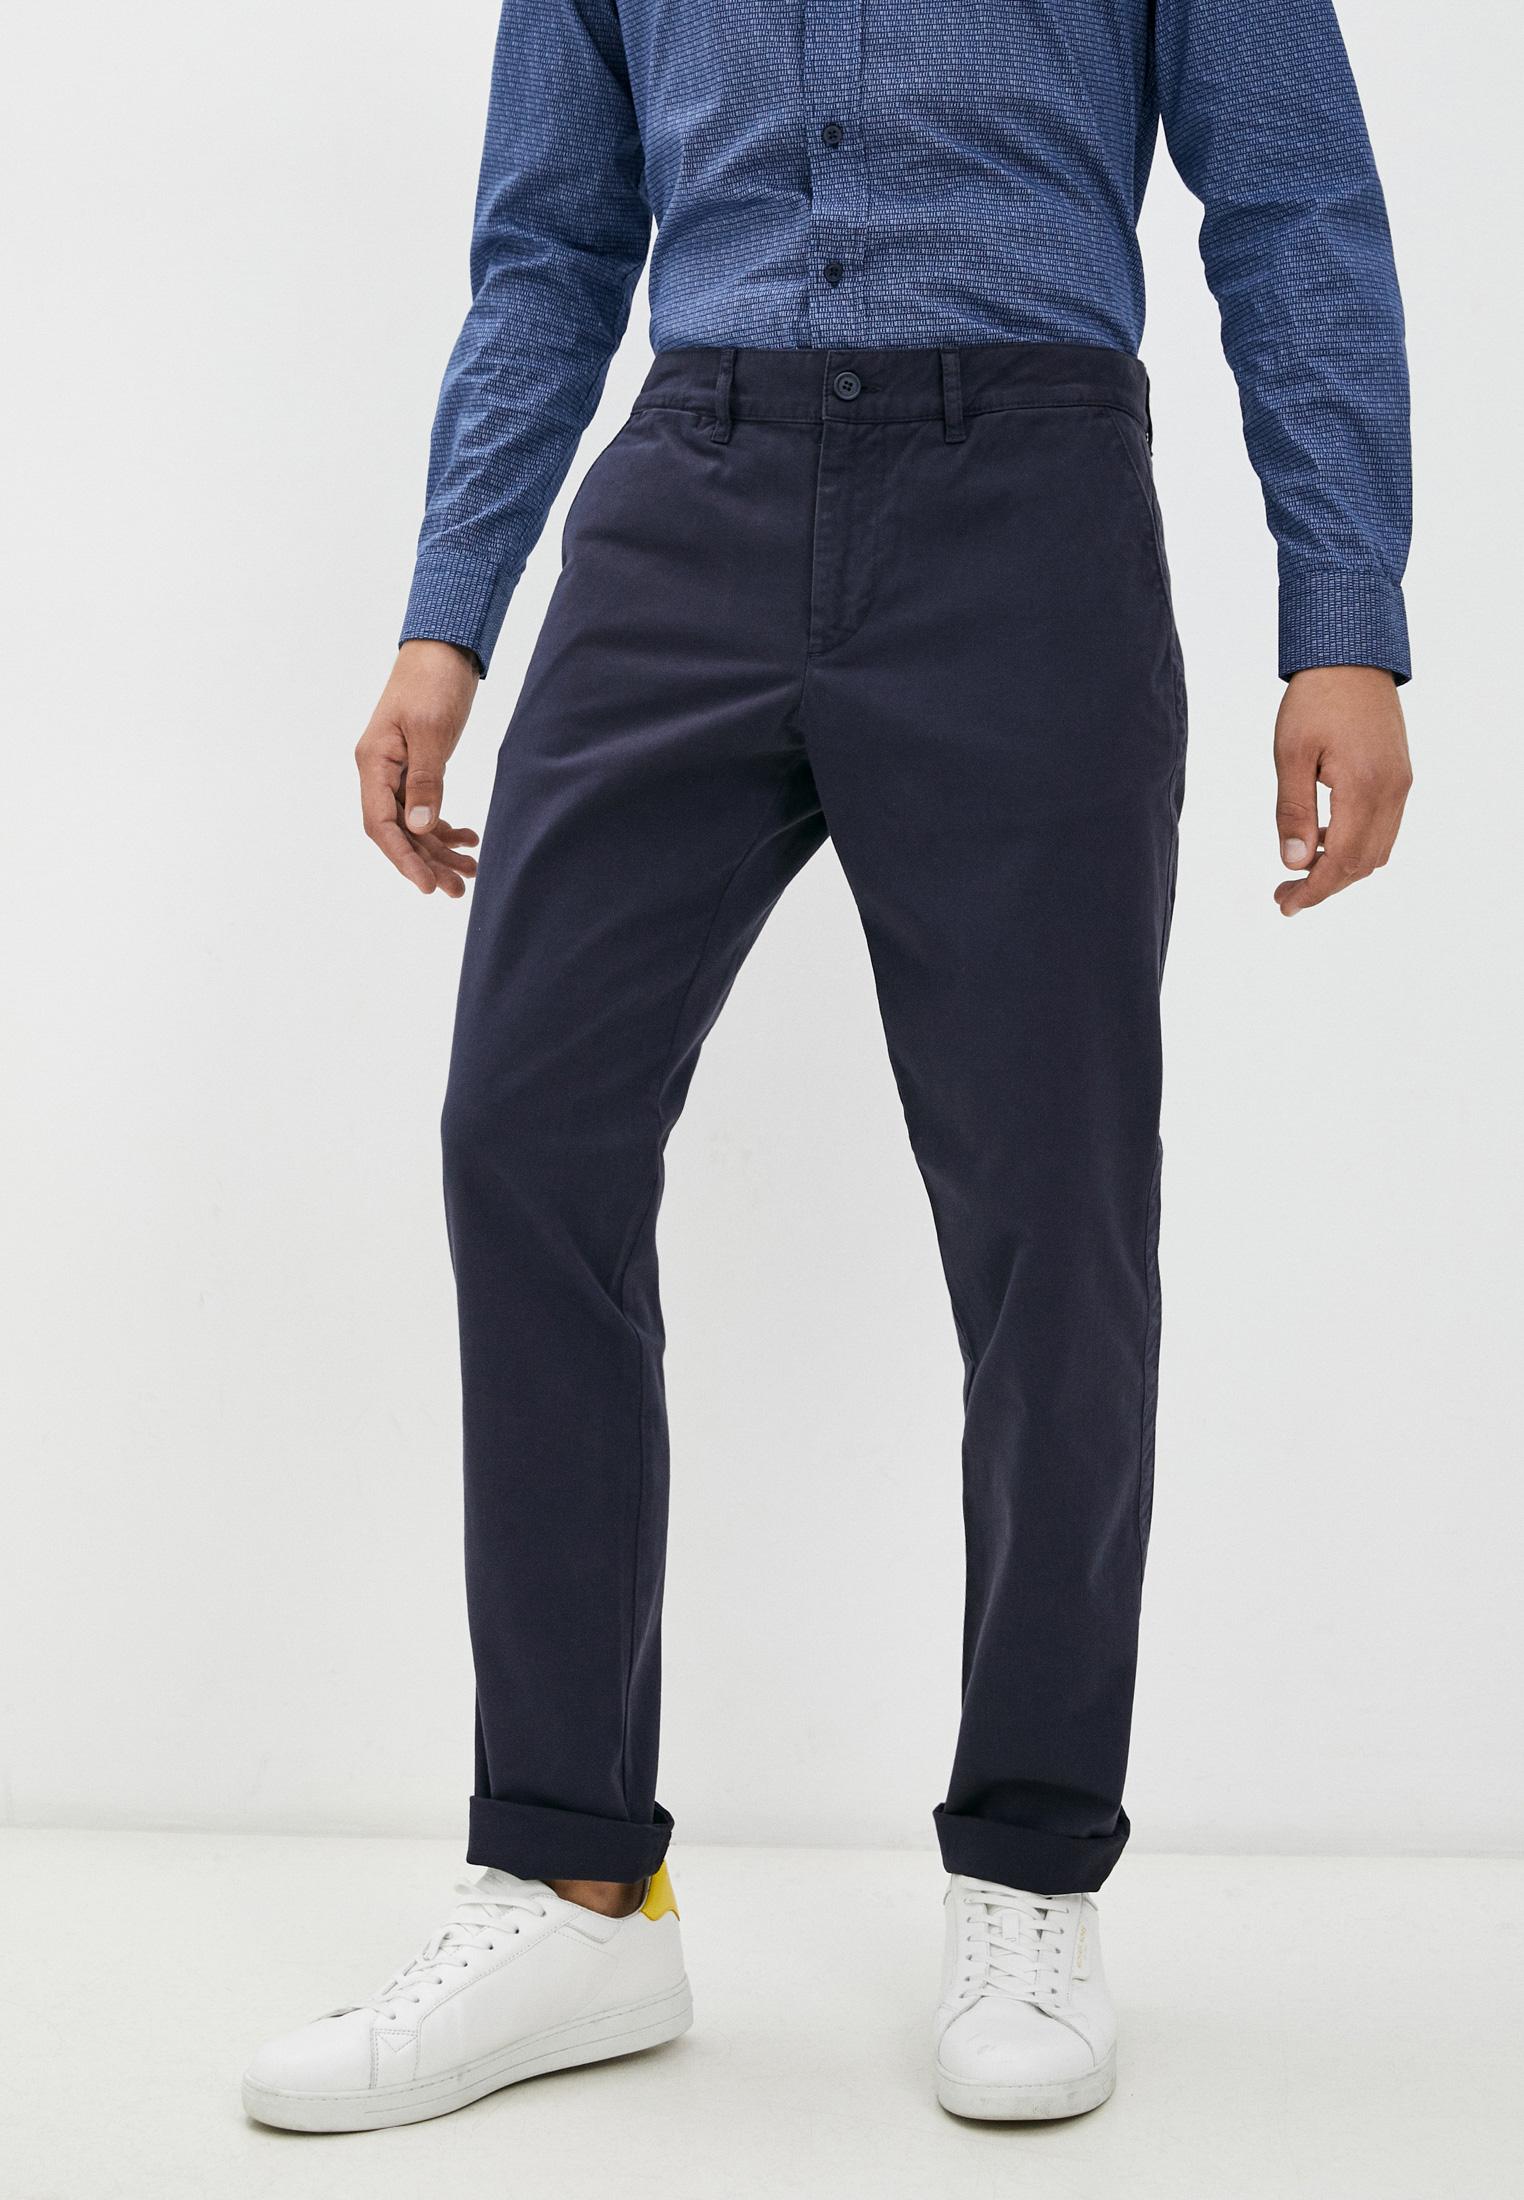 Мужские повседневные брюки Bikkembergs (Биккембергс) C P 001 04 S 3279: изображение 1